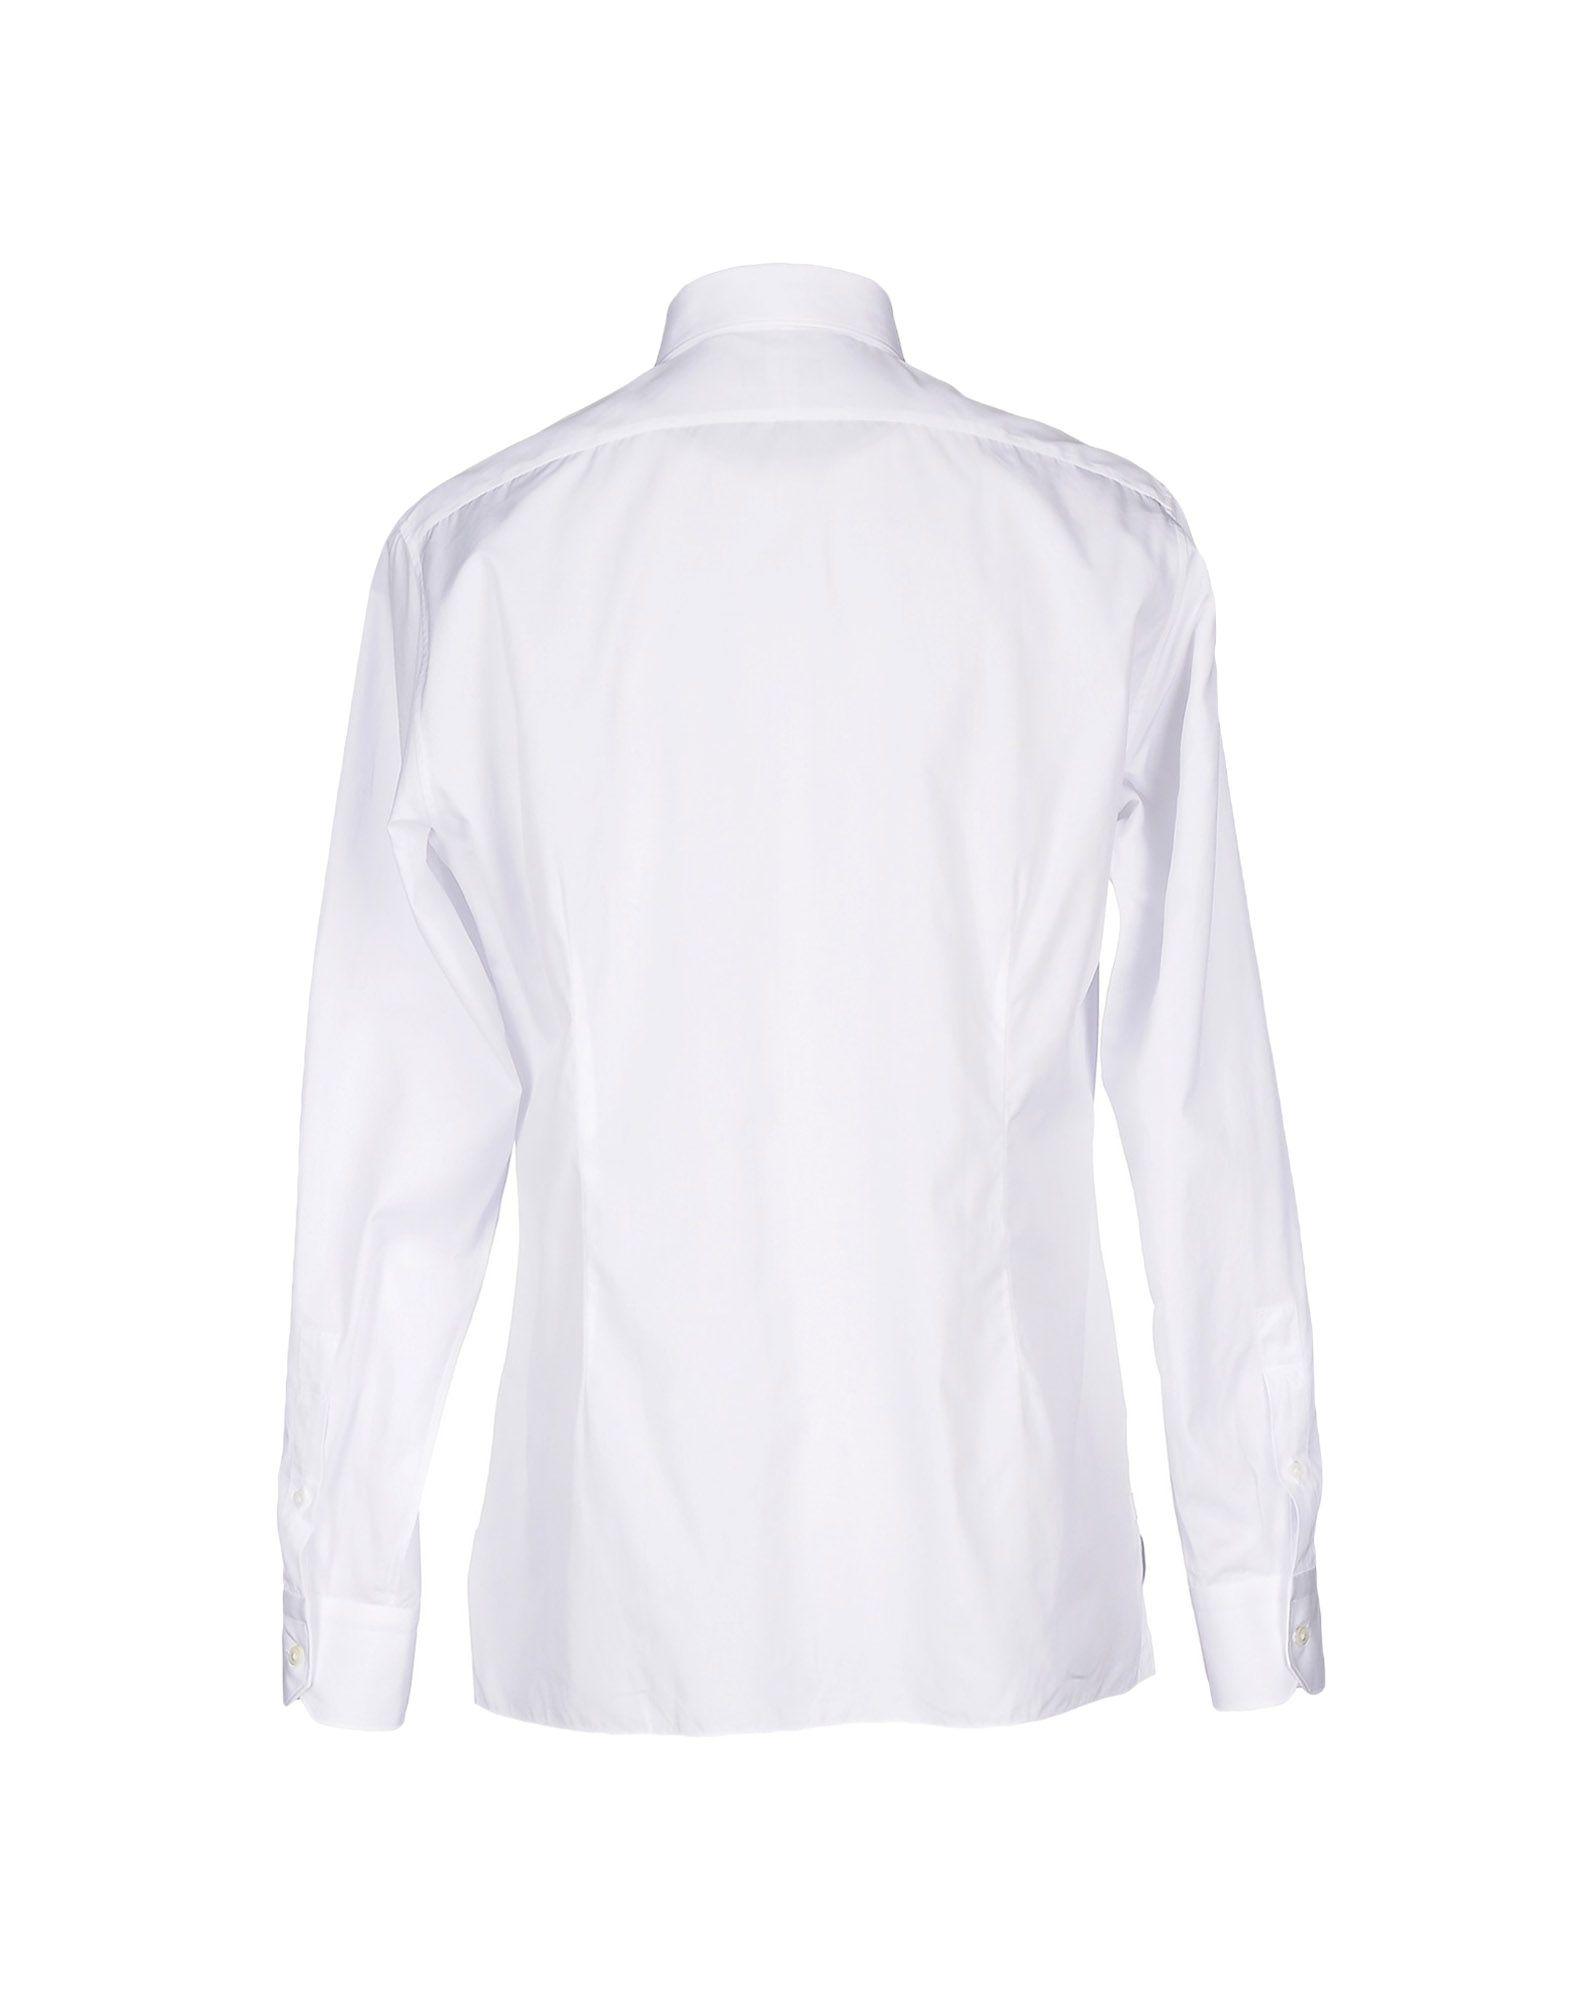 Camicia Lanvin Tinta Unita Lanvin Camicia Uomo - 38546913BE 2c7883